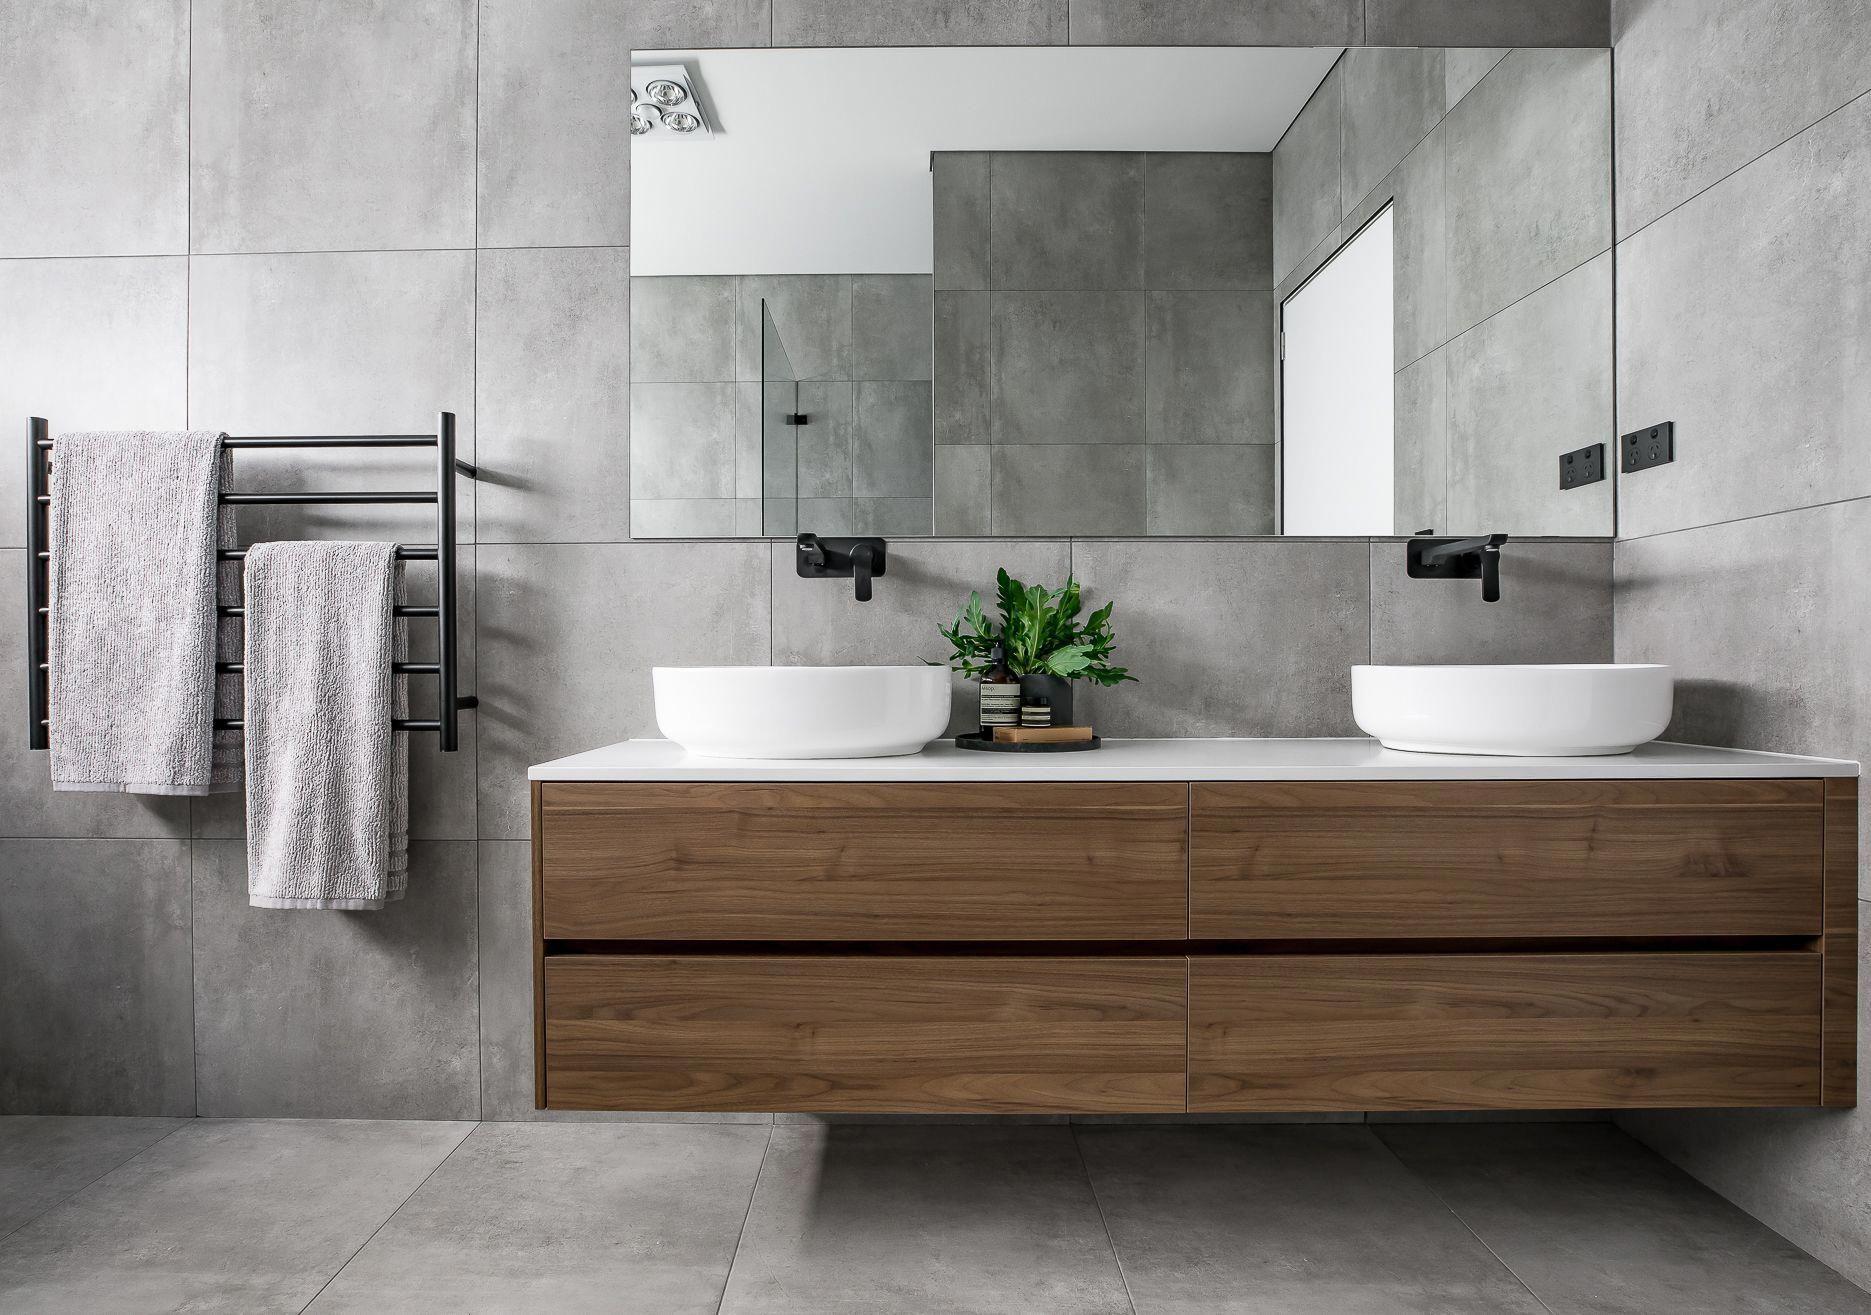 Minimalist Bathroom Apartment Ikeabathroomdark Bathroominteriordesign Kidsbathroom Id 9764767403 Bathroom Interior Bathroom Trends Bathroom Interior Design